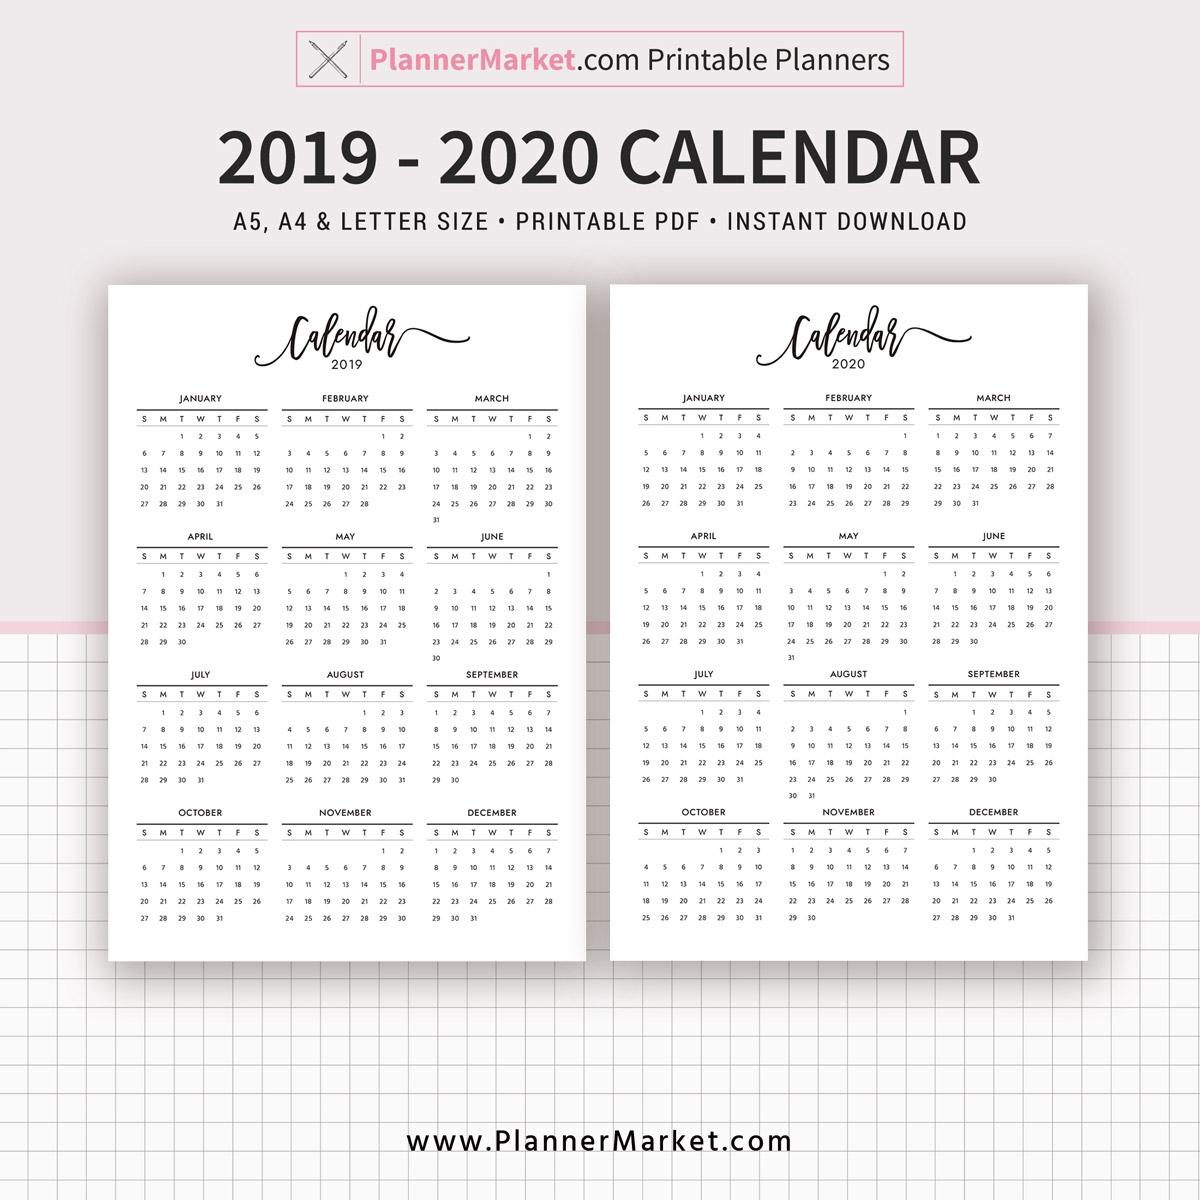 A5 Printable Calendar 2019